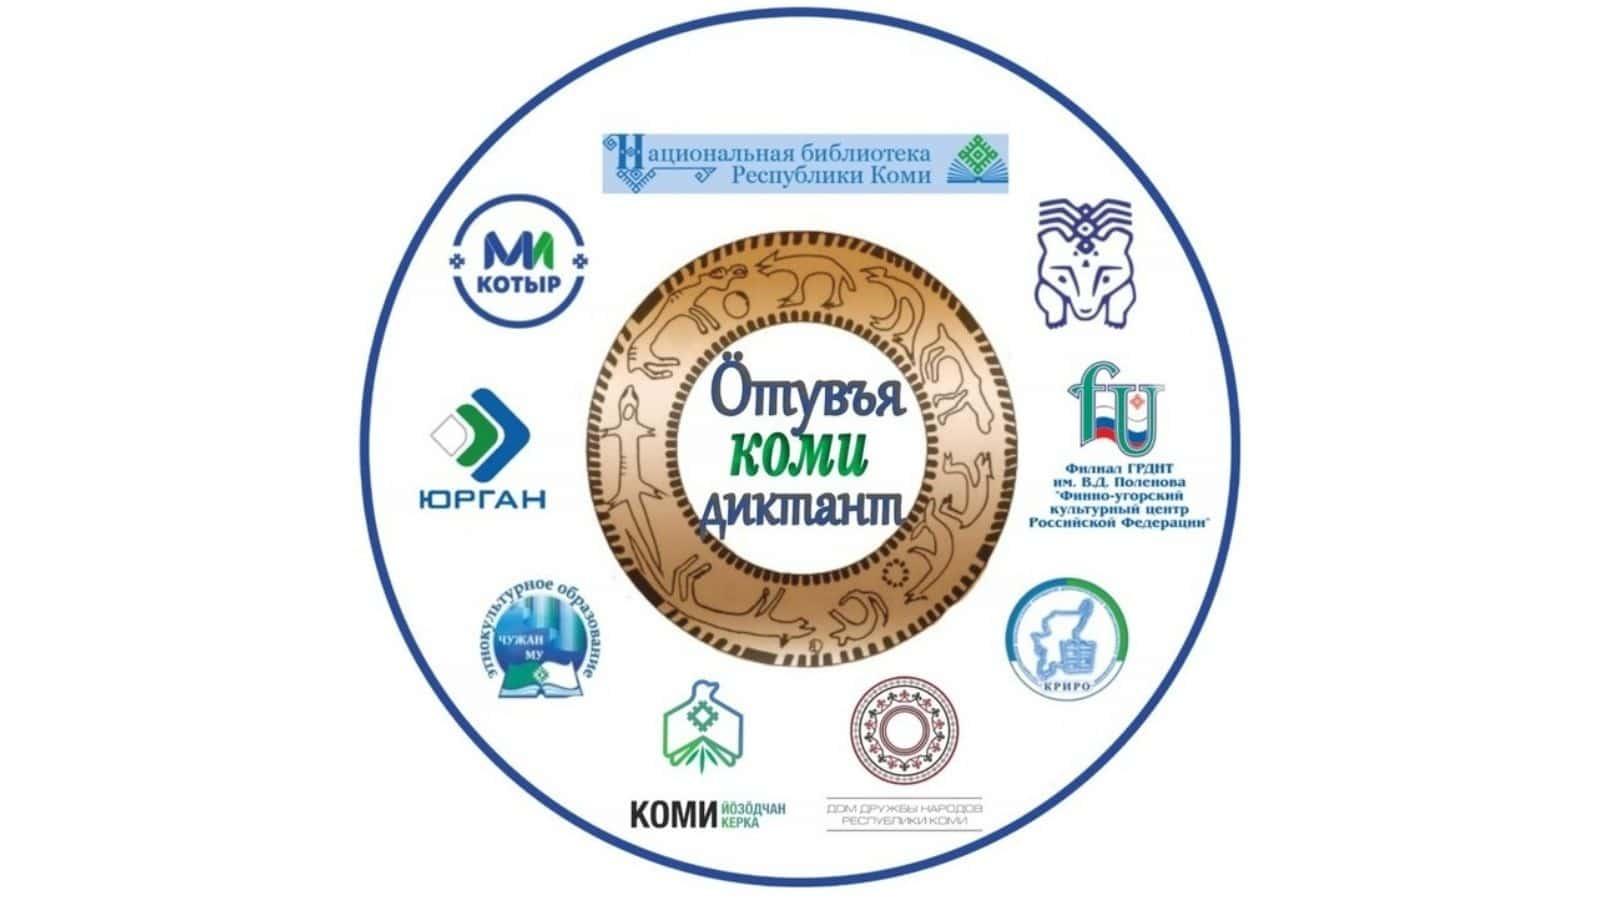 логотип всеобщий коми диктант